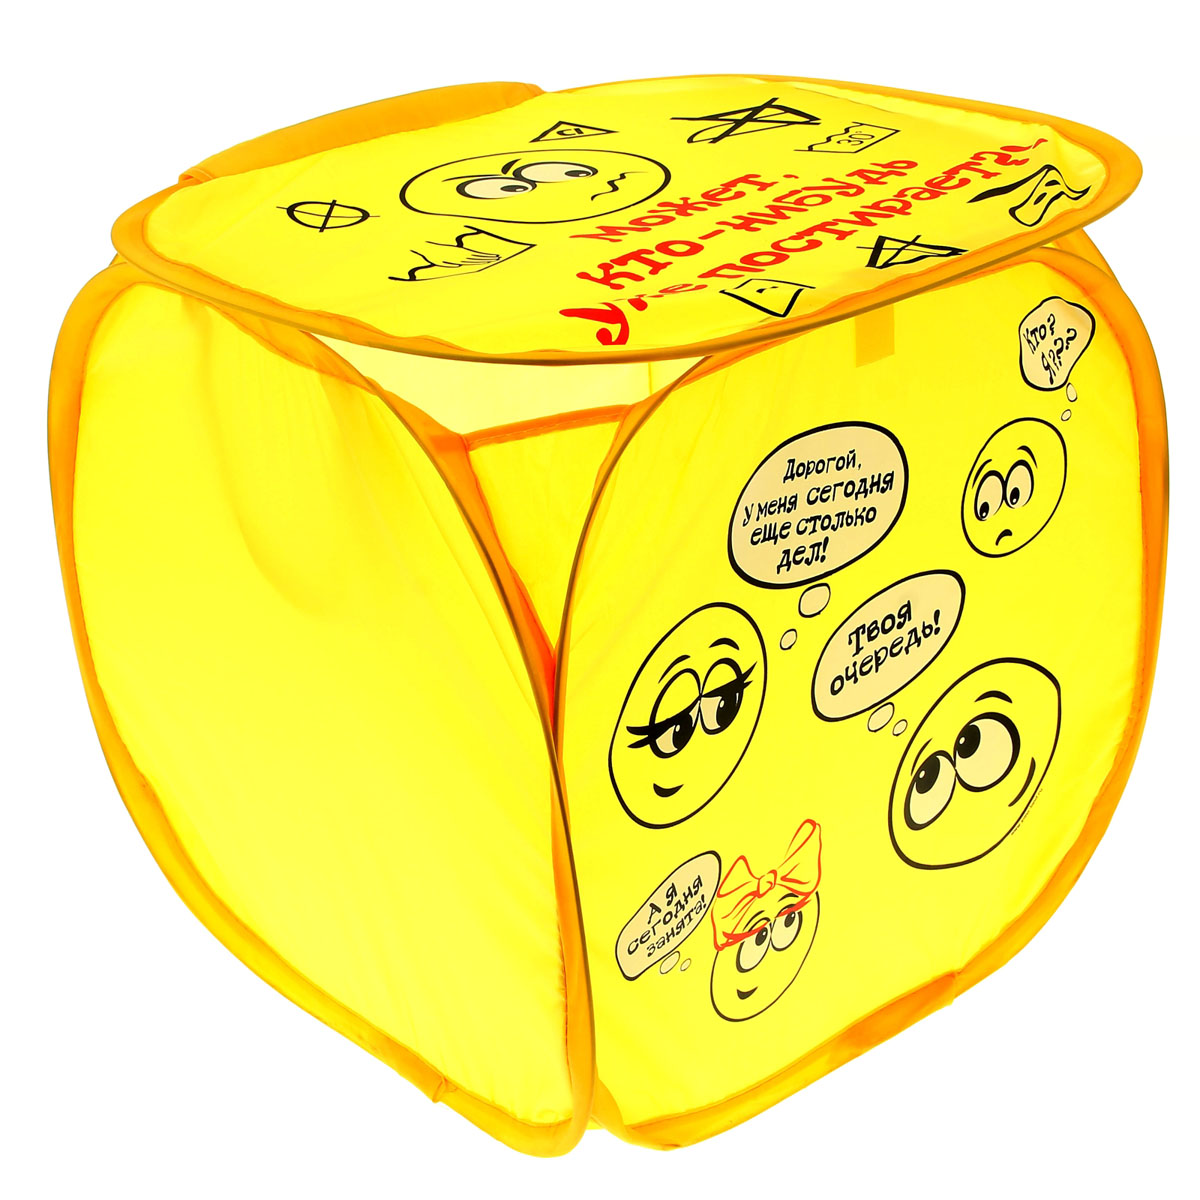 Корзина для белья Sima-land Может кто-нибудь постирает?, цвет: желтый, 35 х 35 см 35 см корзина для белья изумруд цвет синий 10 кг